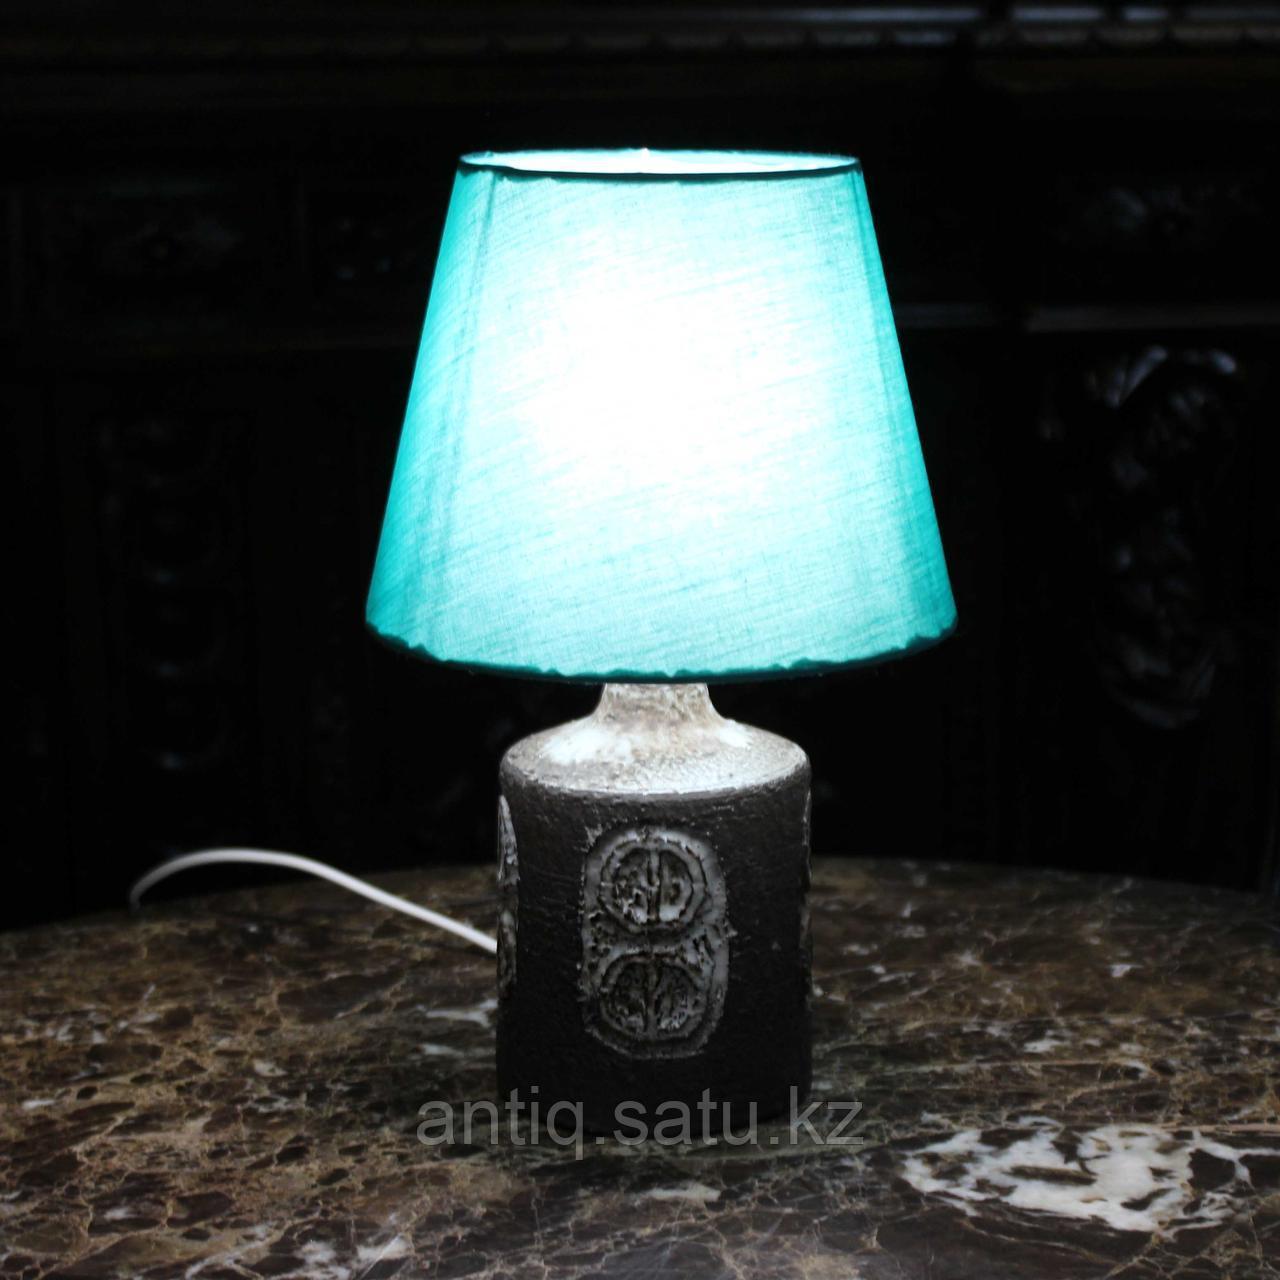 Дизайнерская настольная лампа из керамики. Производство Sejer Unic Keramik - фото 1